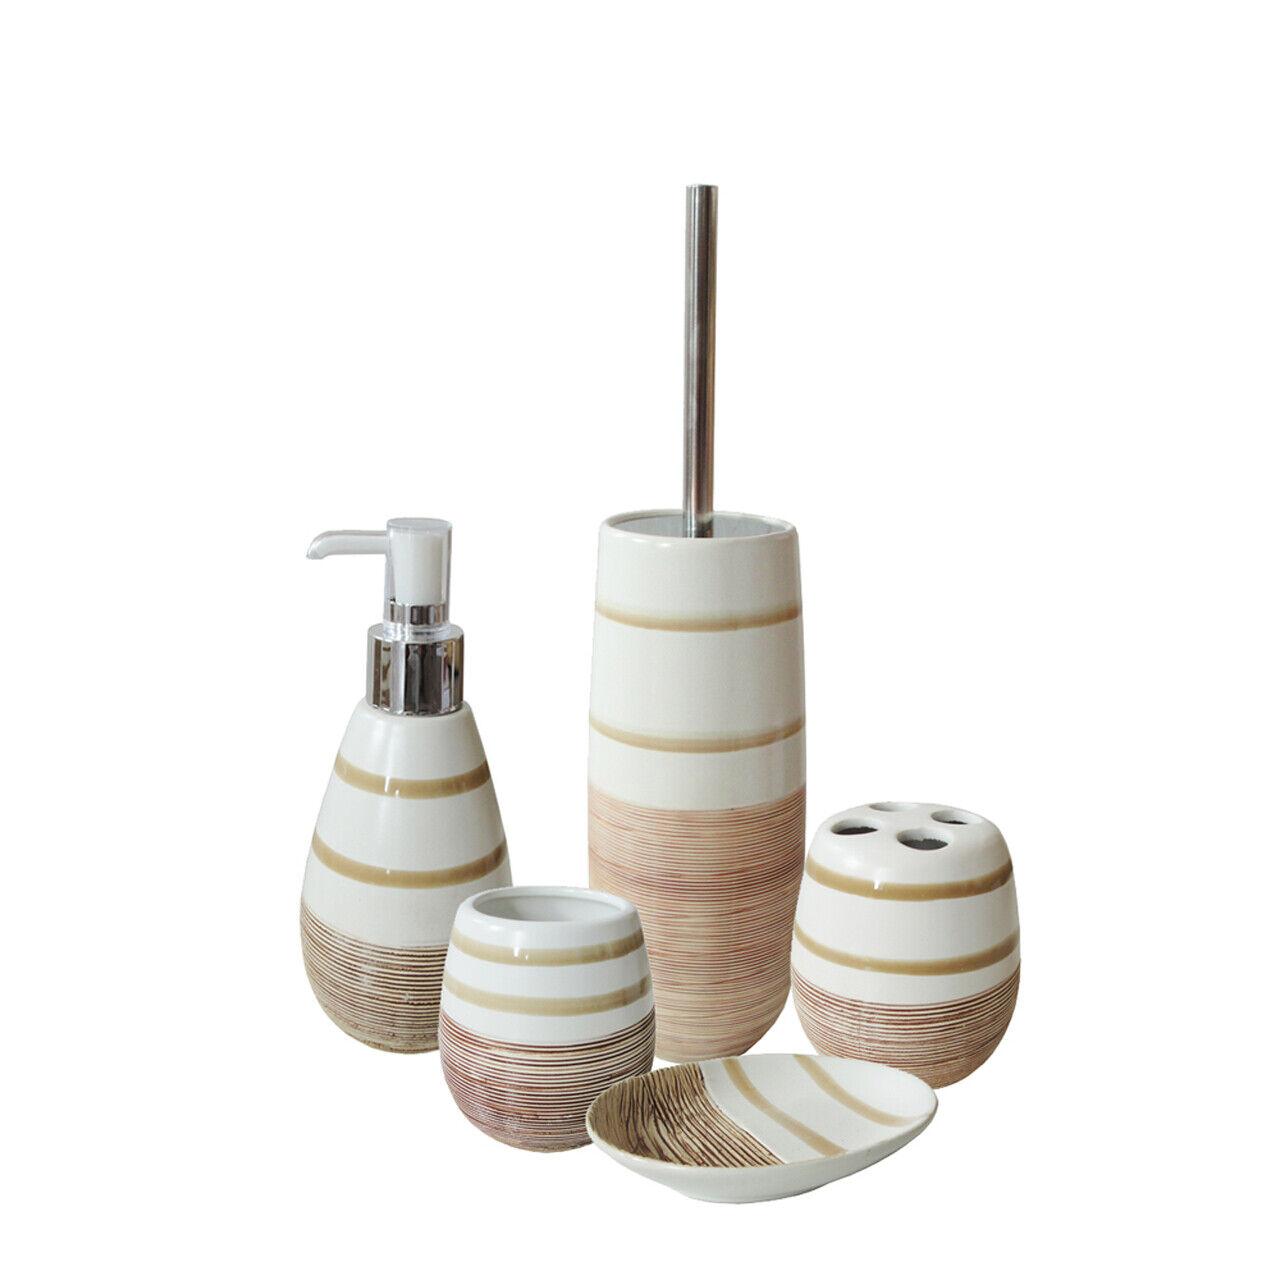 Beiges Badset - Seifenspender WC-Garnitur Seifenschale Zahnbürstenhalter Becher